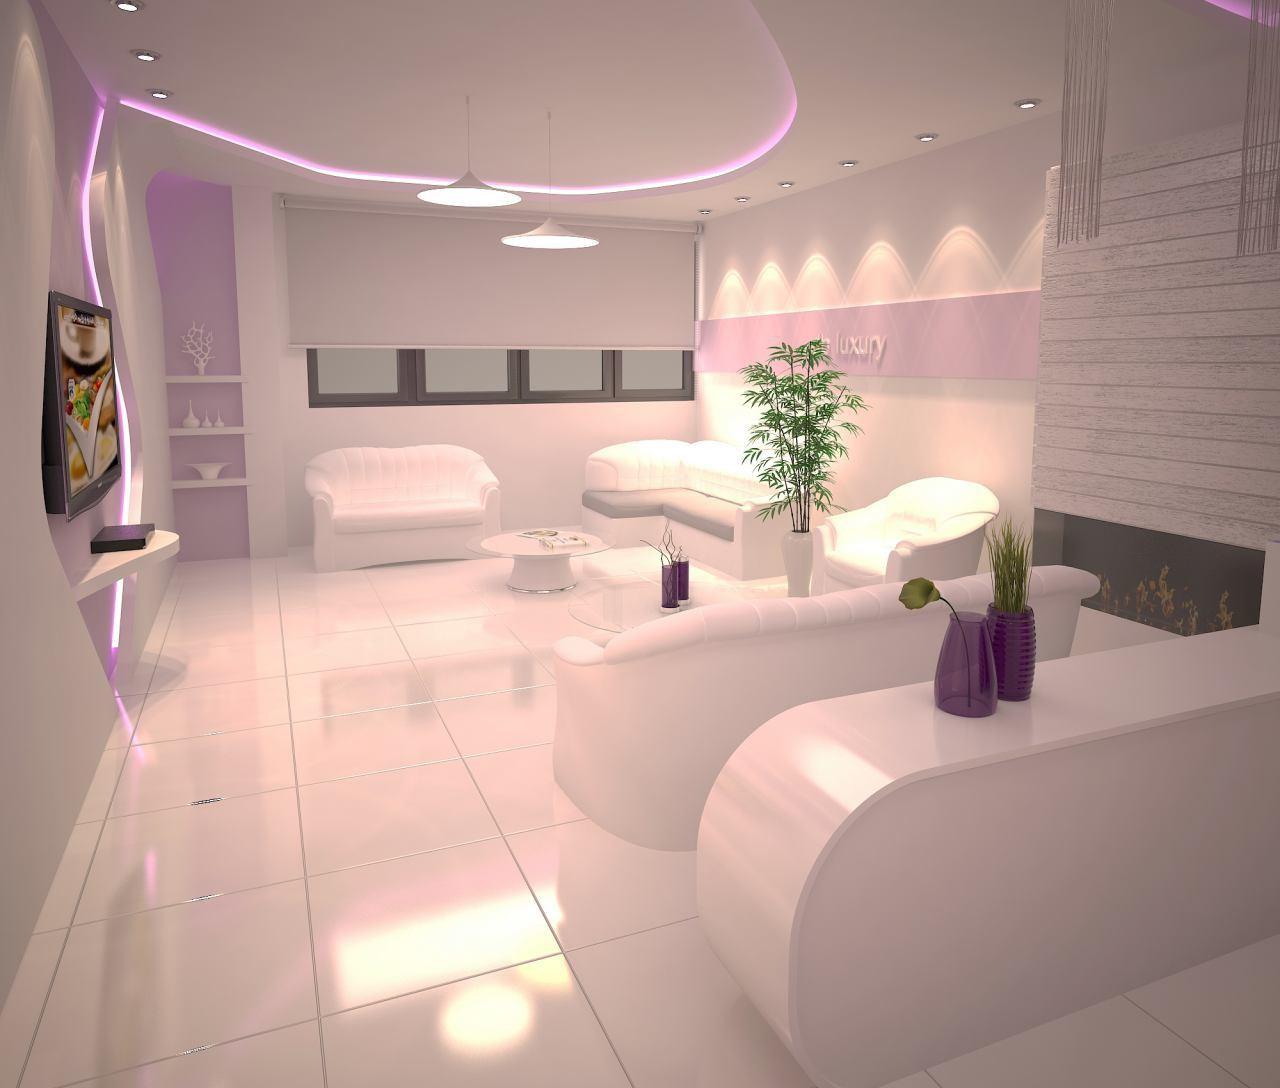 طراحی داخلی برای مطب | طراحی دکوراسیون اداری,دکوراسیون داخلی اداری,نورپردازی اداری